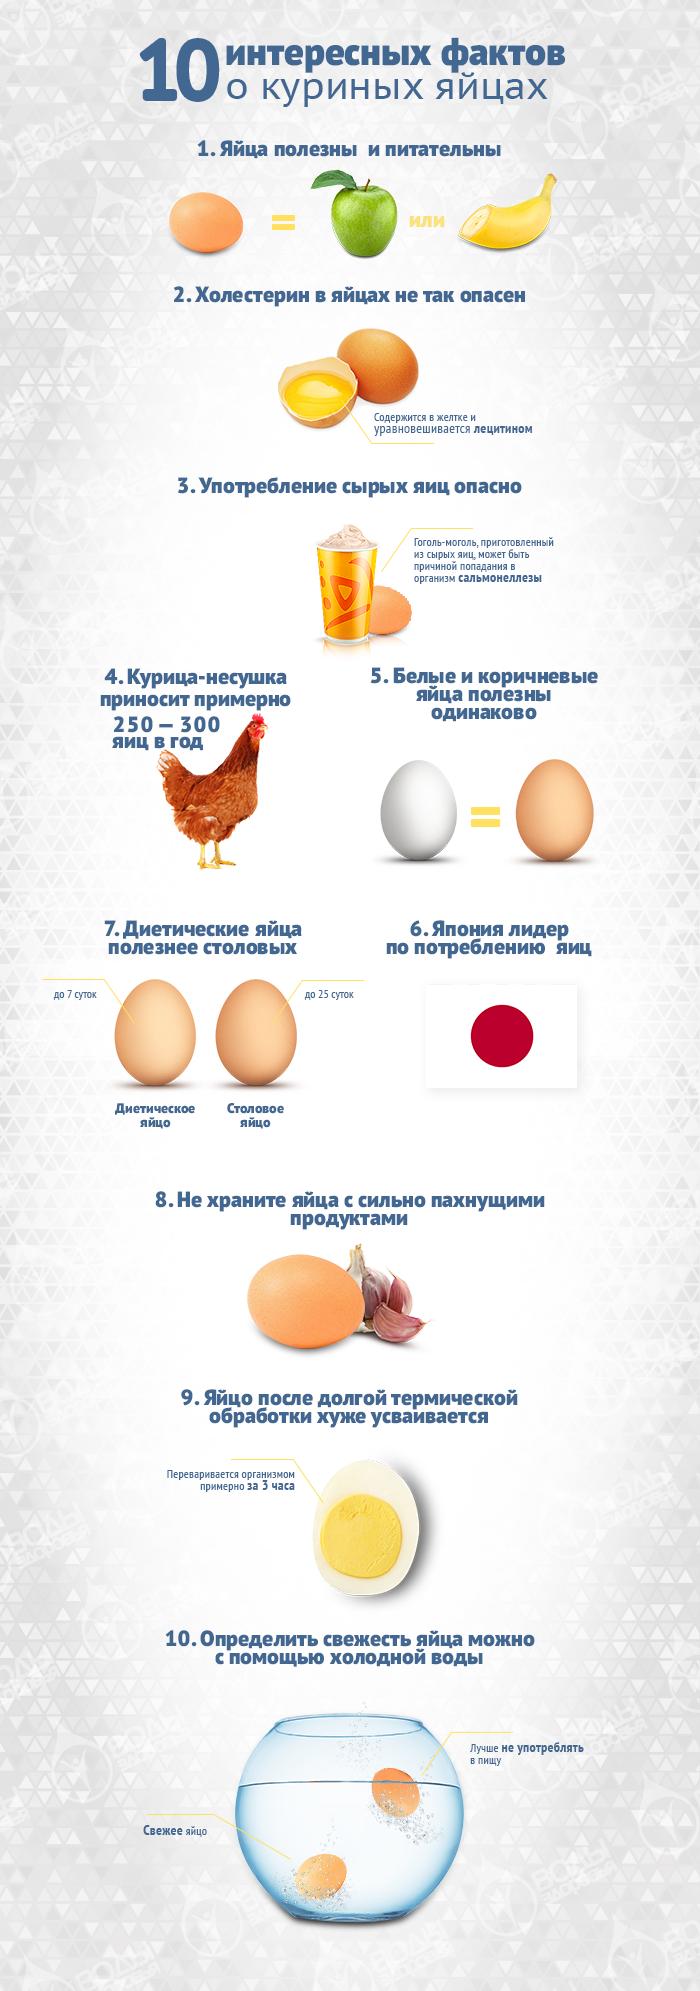 Почему яйца нельзя есть каждый день